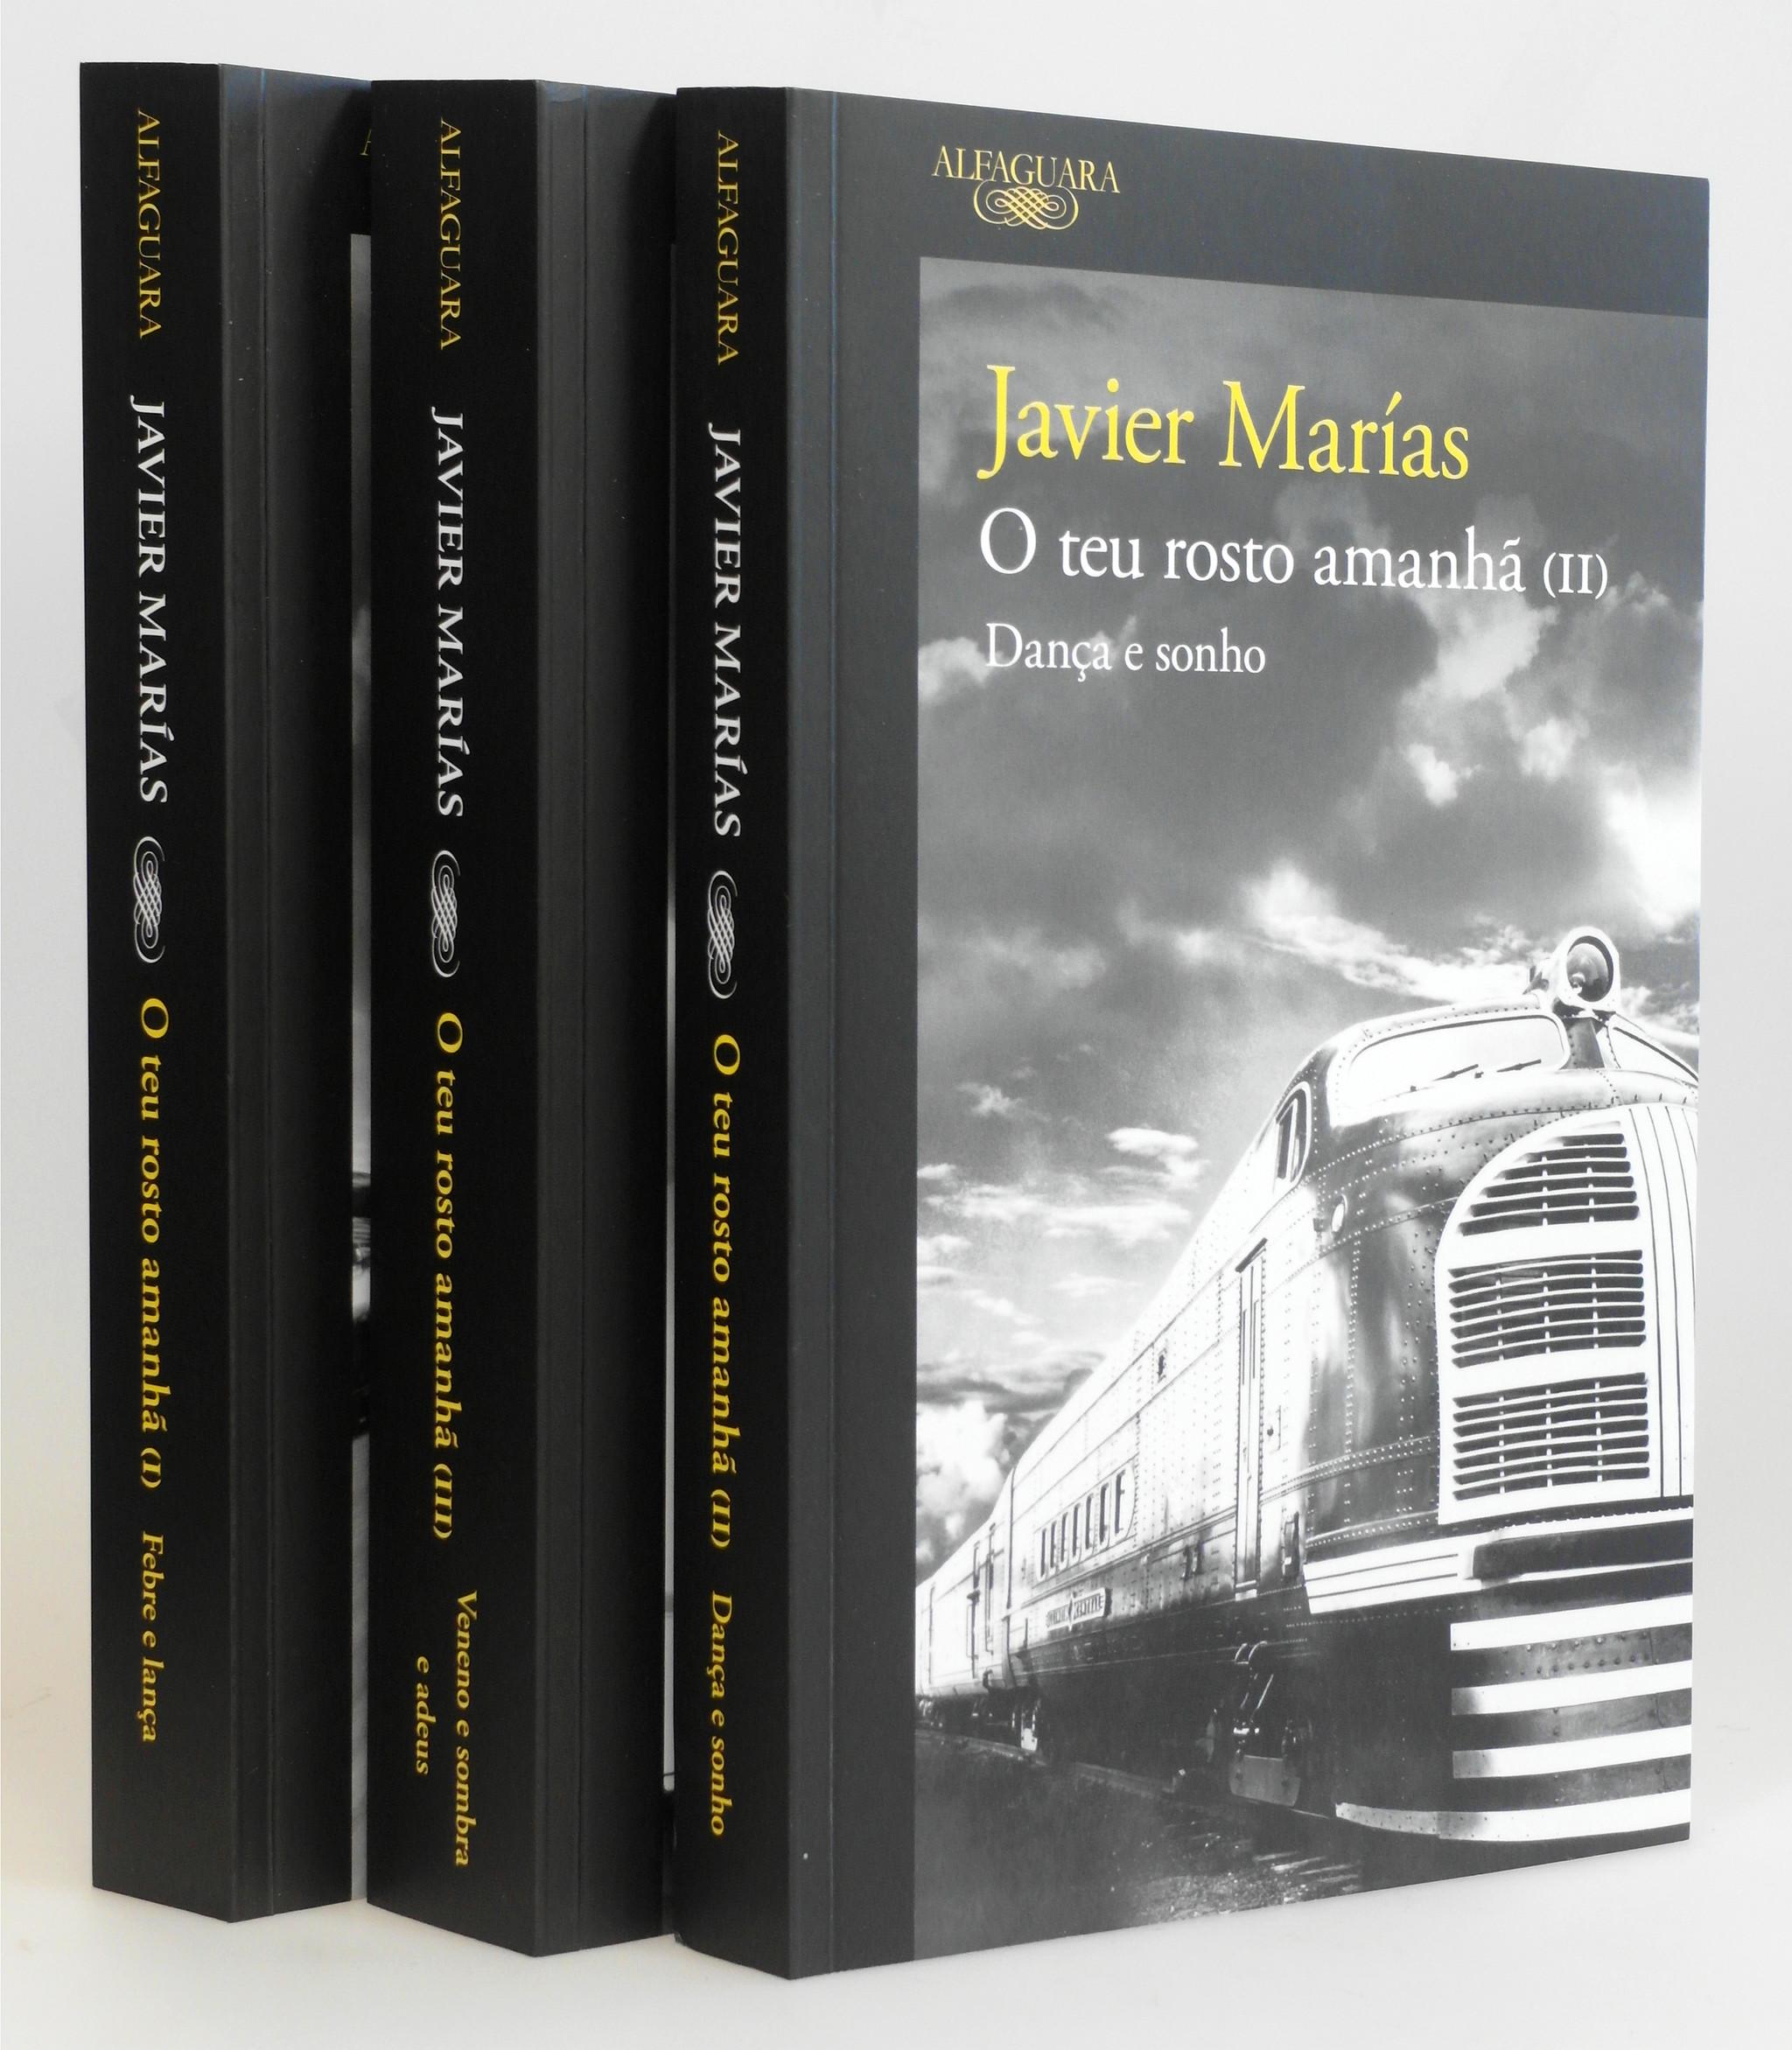 DR livro Javier Marias 04.JPG